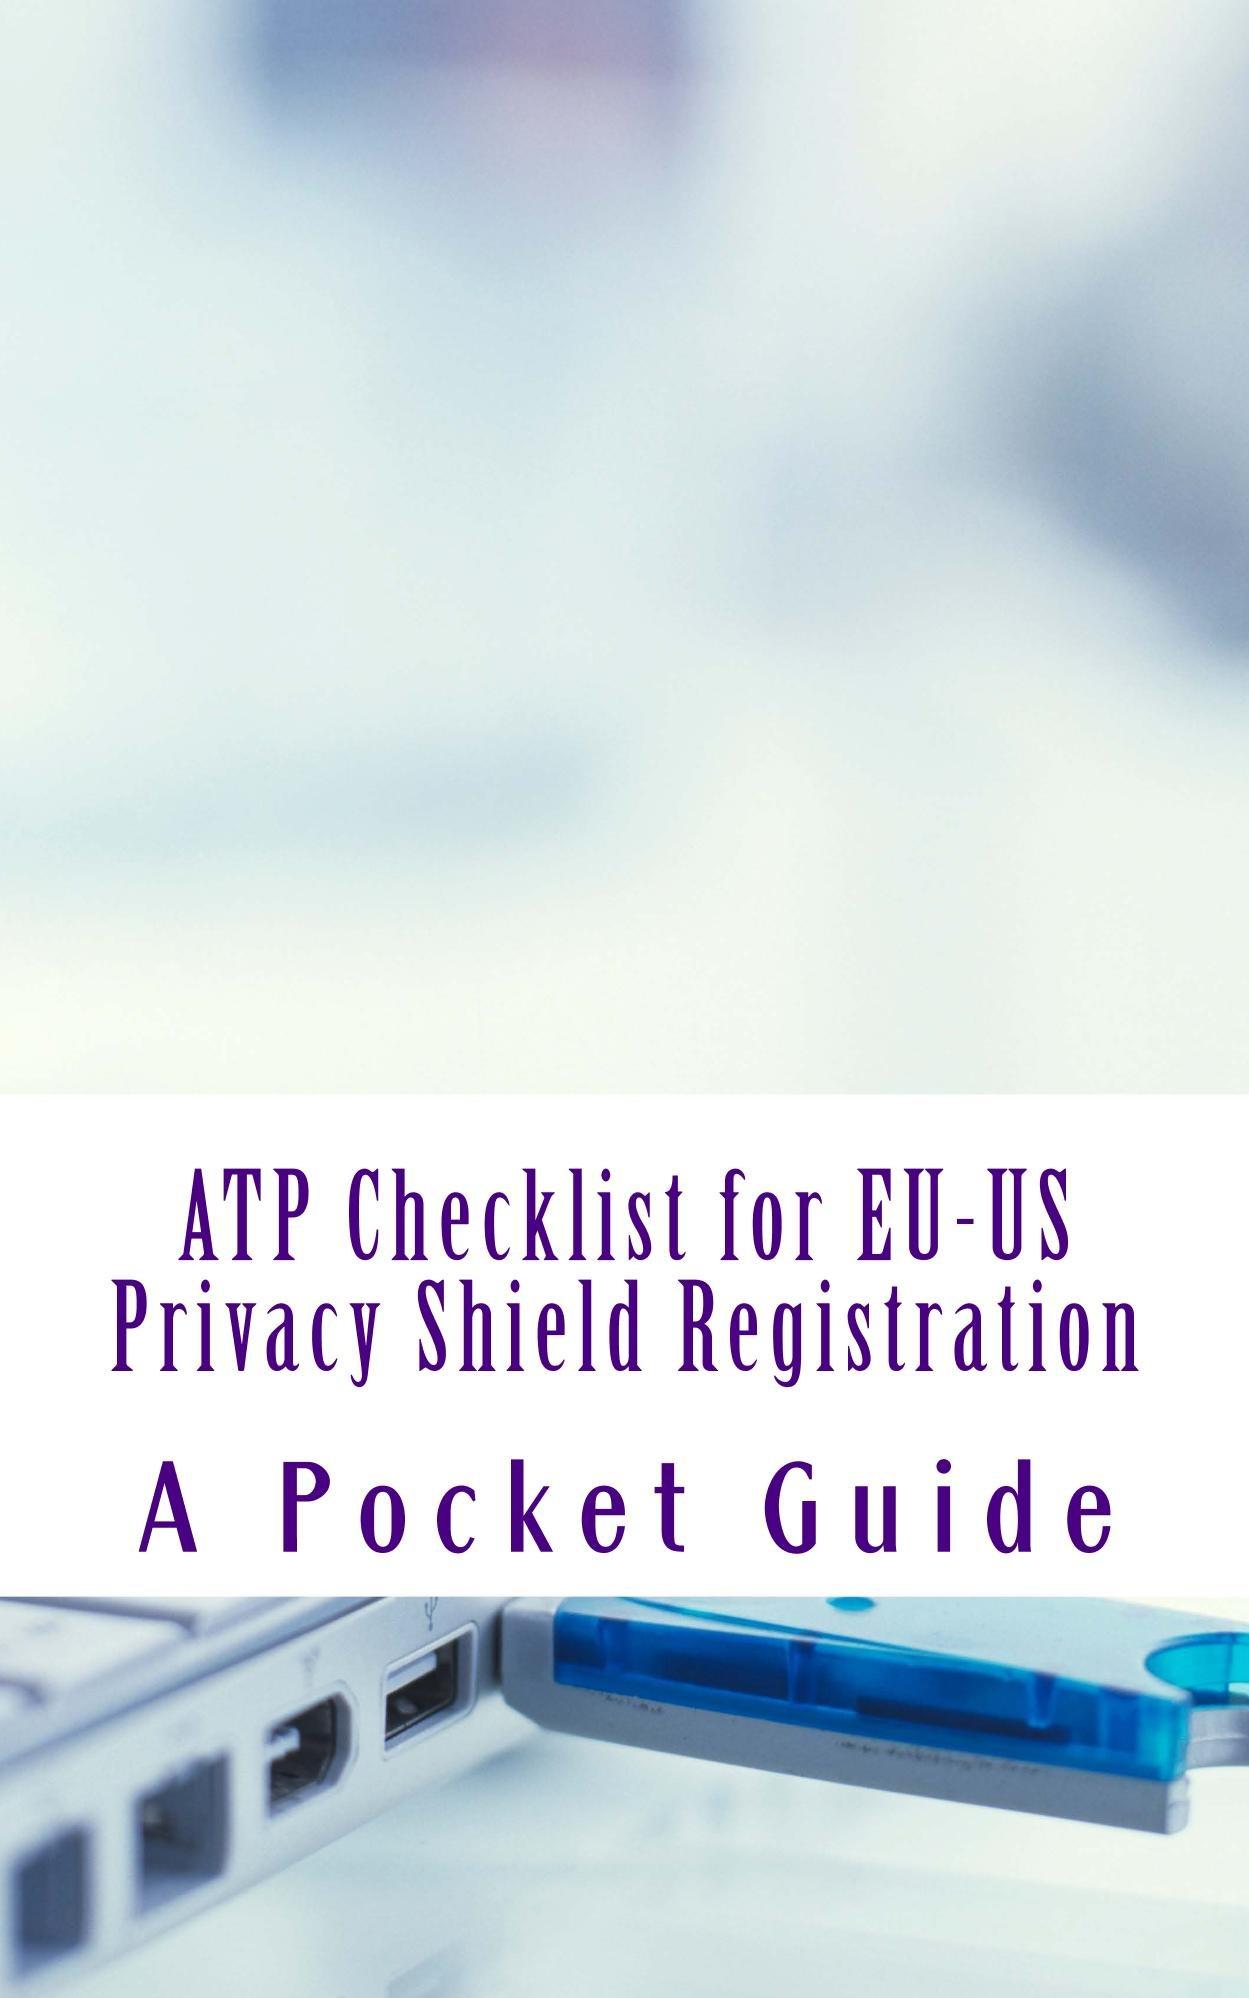 ATP Checklist for EU-US Privacy Shield Registration: A Pocket Guide